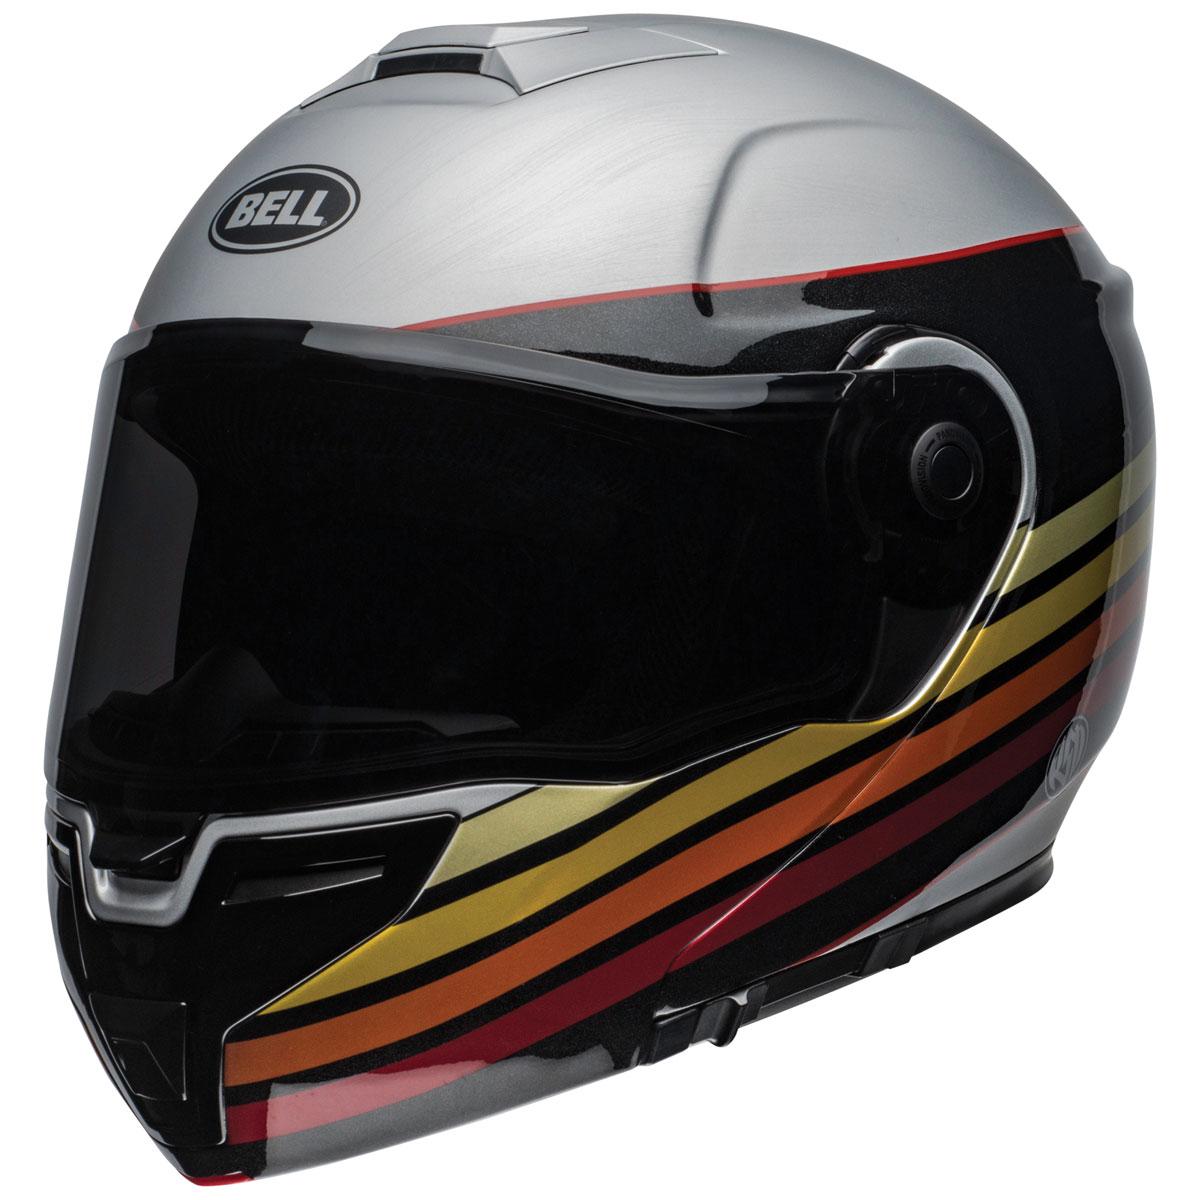 Bell SRT Modular RSD Newport Metal/Red Modular Helmet